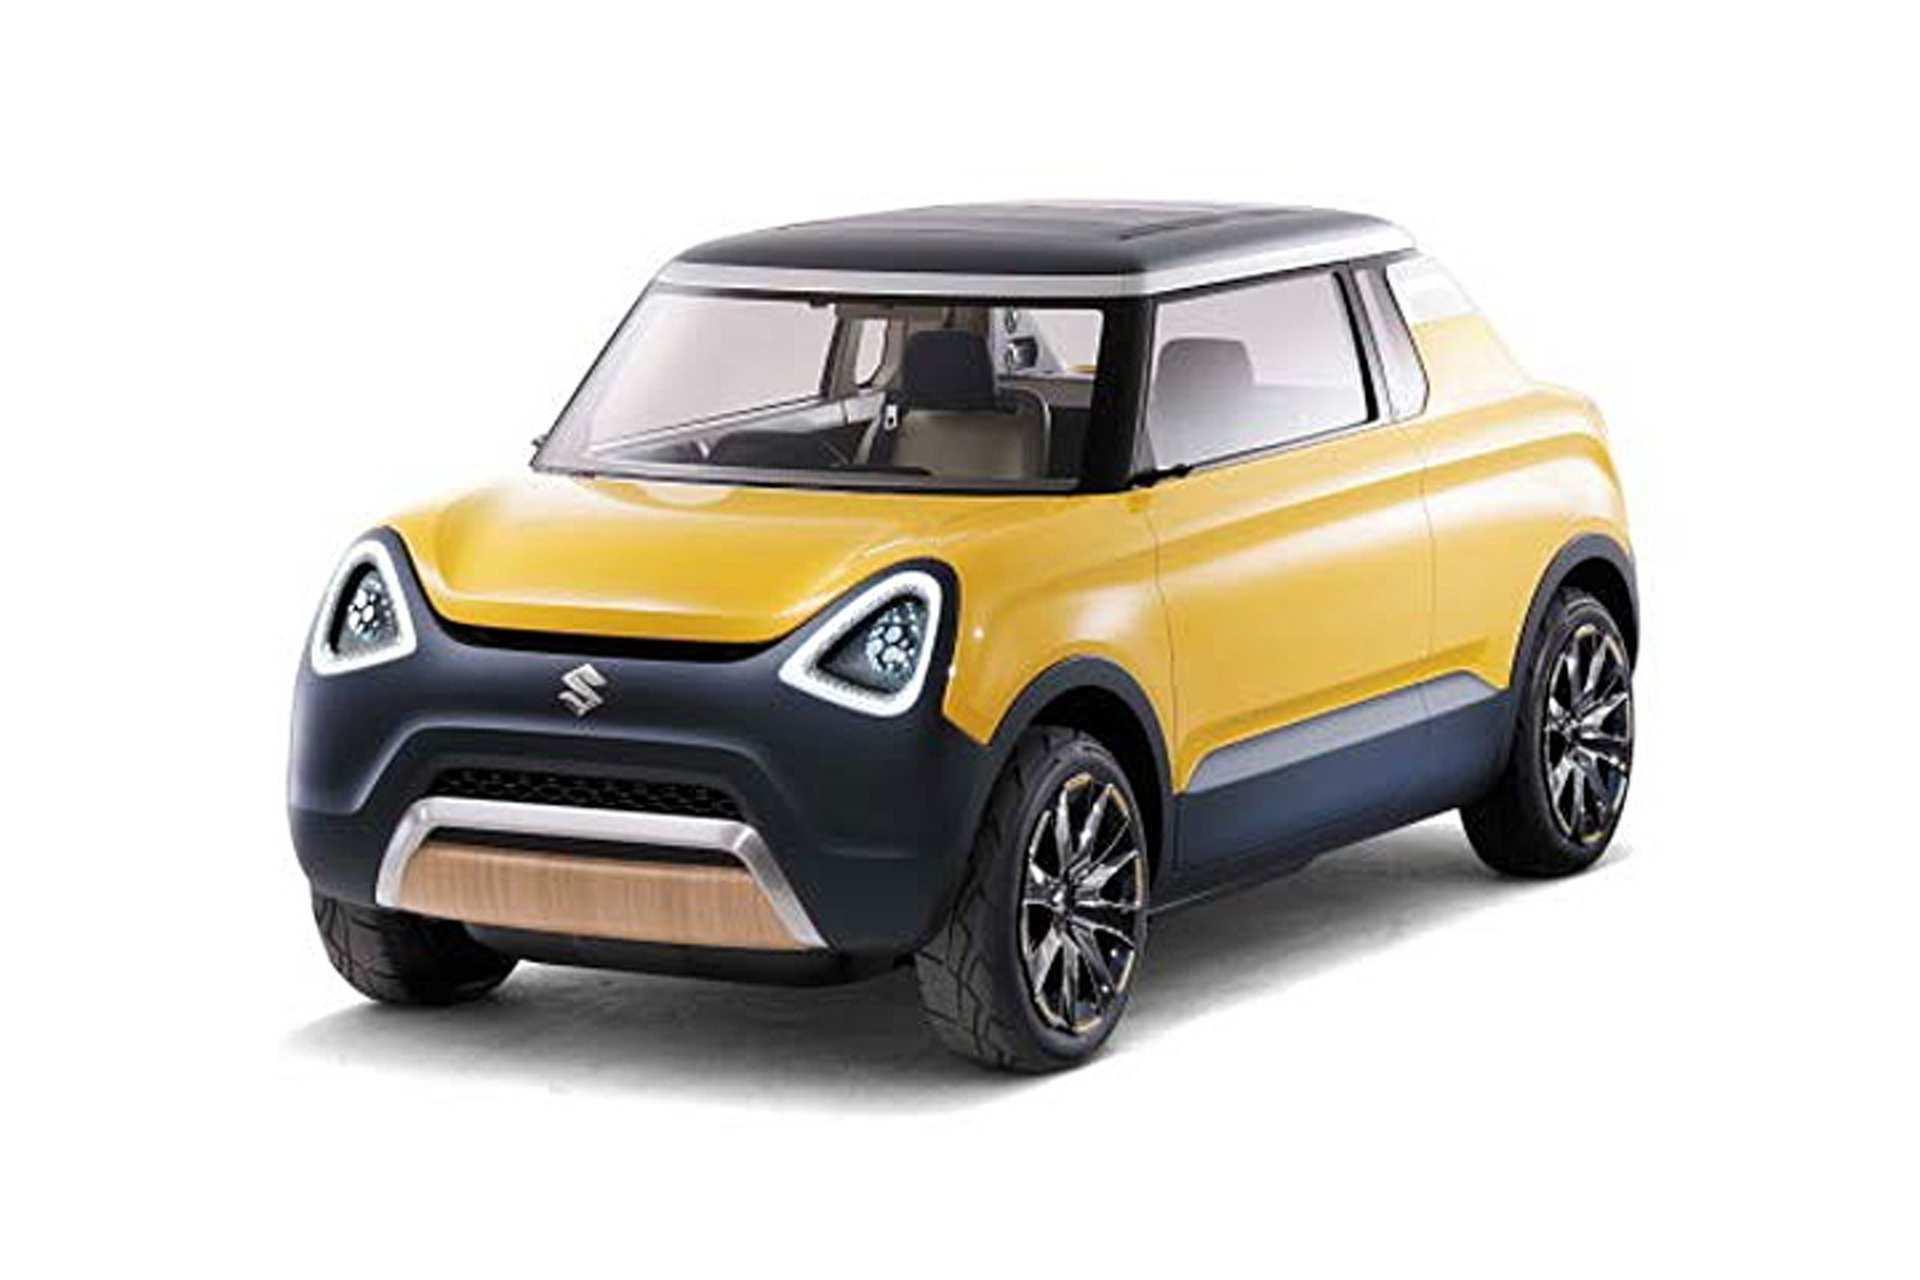 92 All New Suzuki Cars 2020 Engine by Suzuki Cars 2020